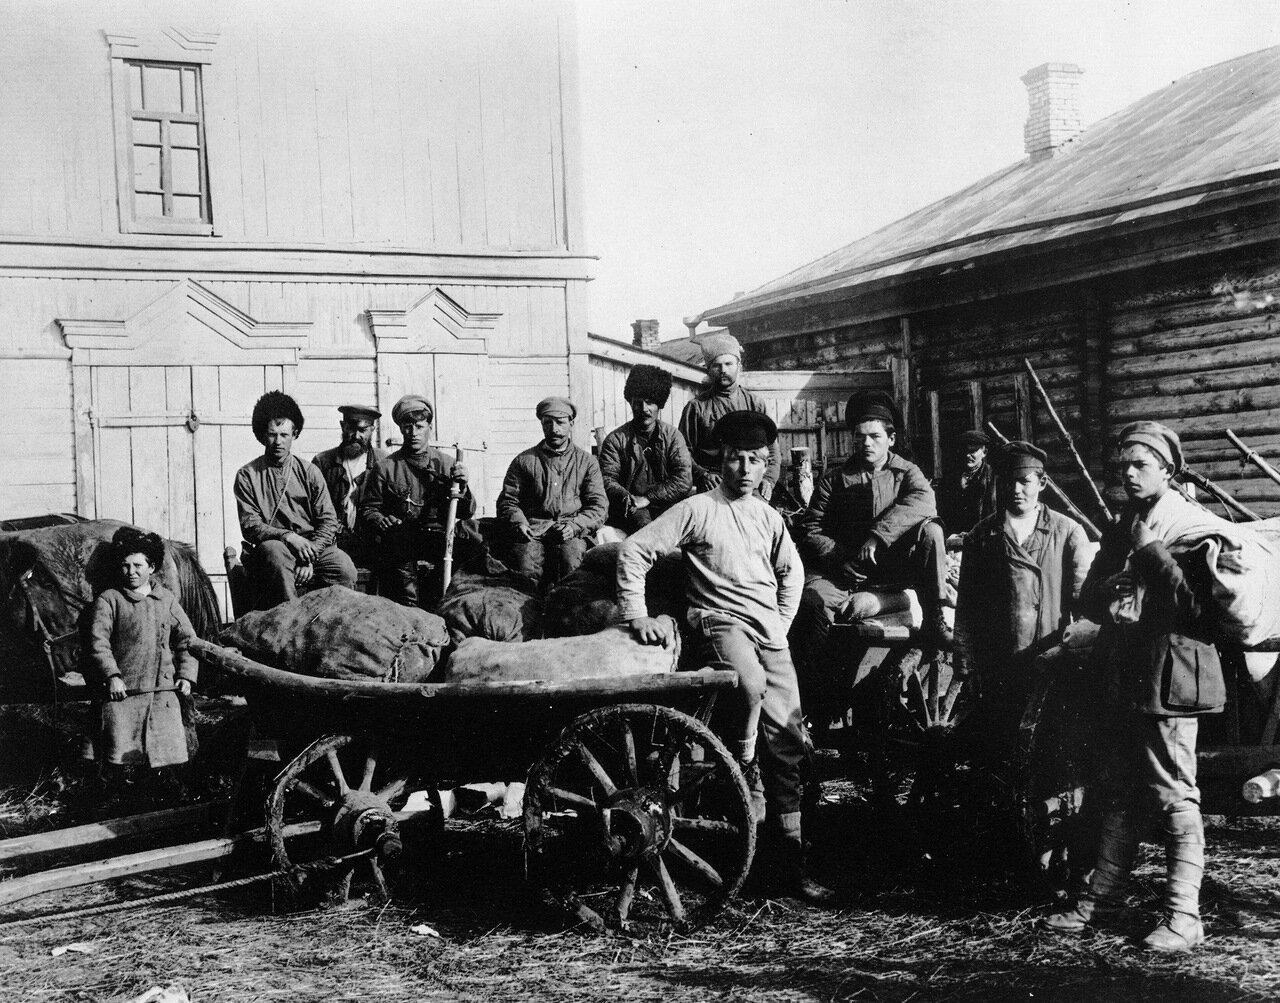 1920. Продовольствие доставленное самарскими рабочими и крестьянами для 1-го Советского батальона.